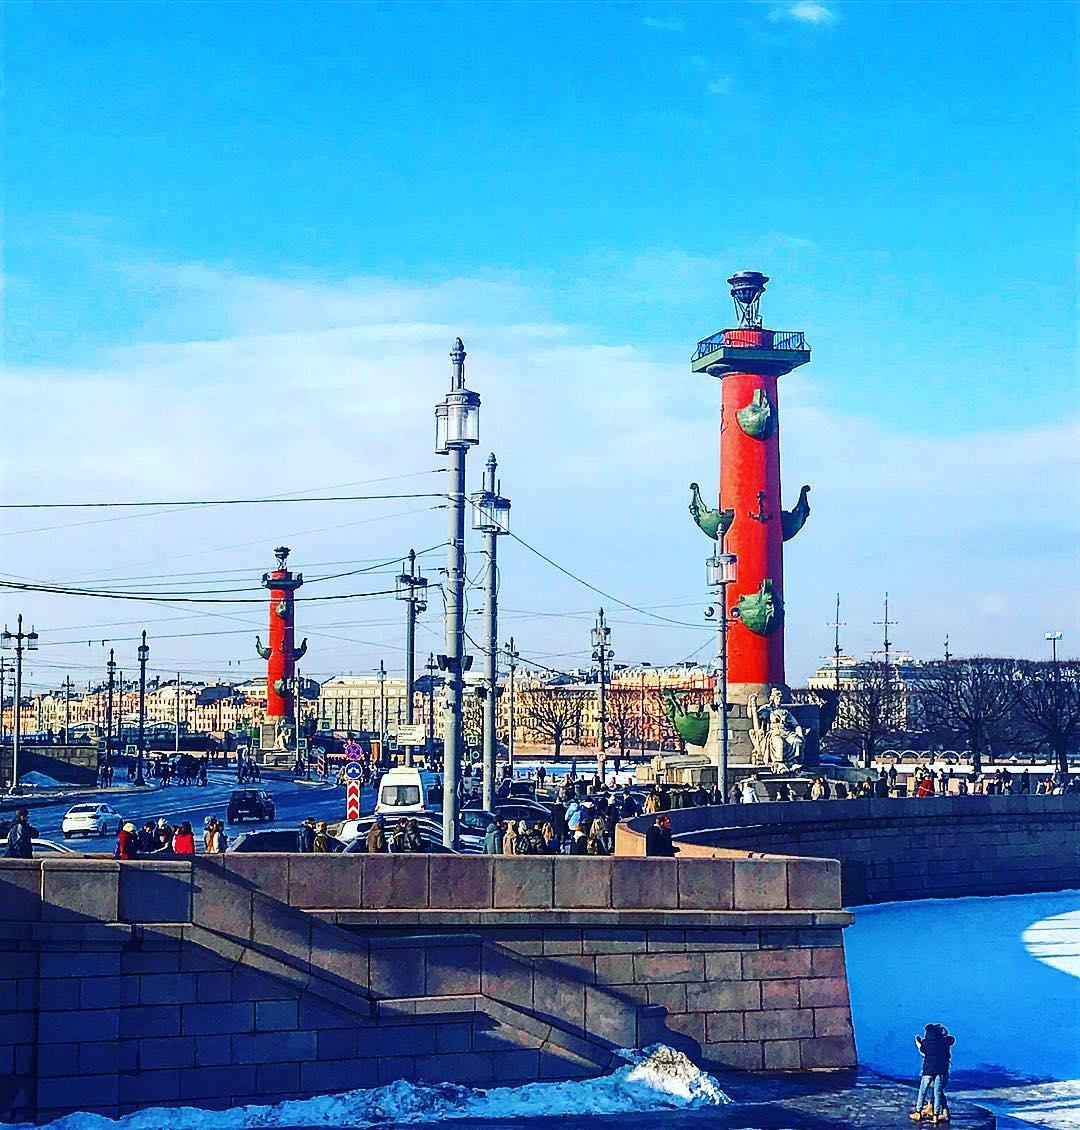 25 рублей в честь 200-летия Ростральных колонн, г. Санкт-Петербург